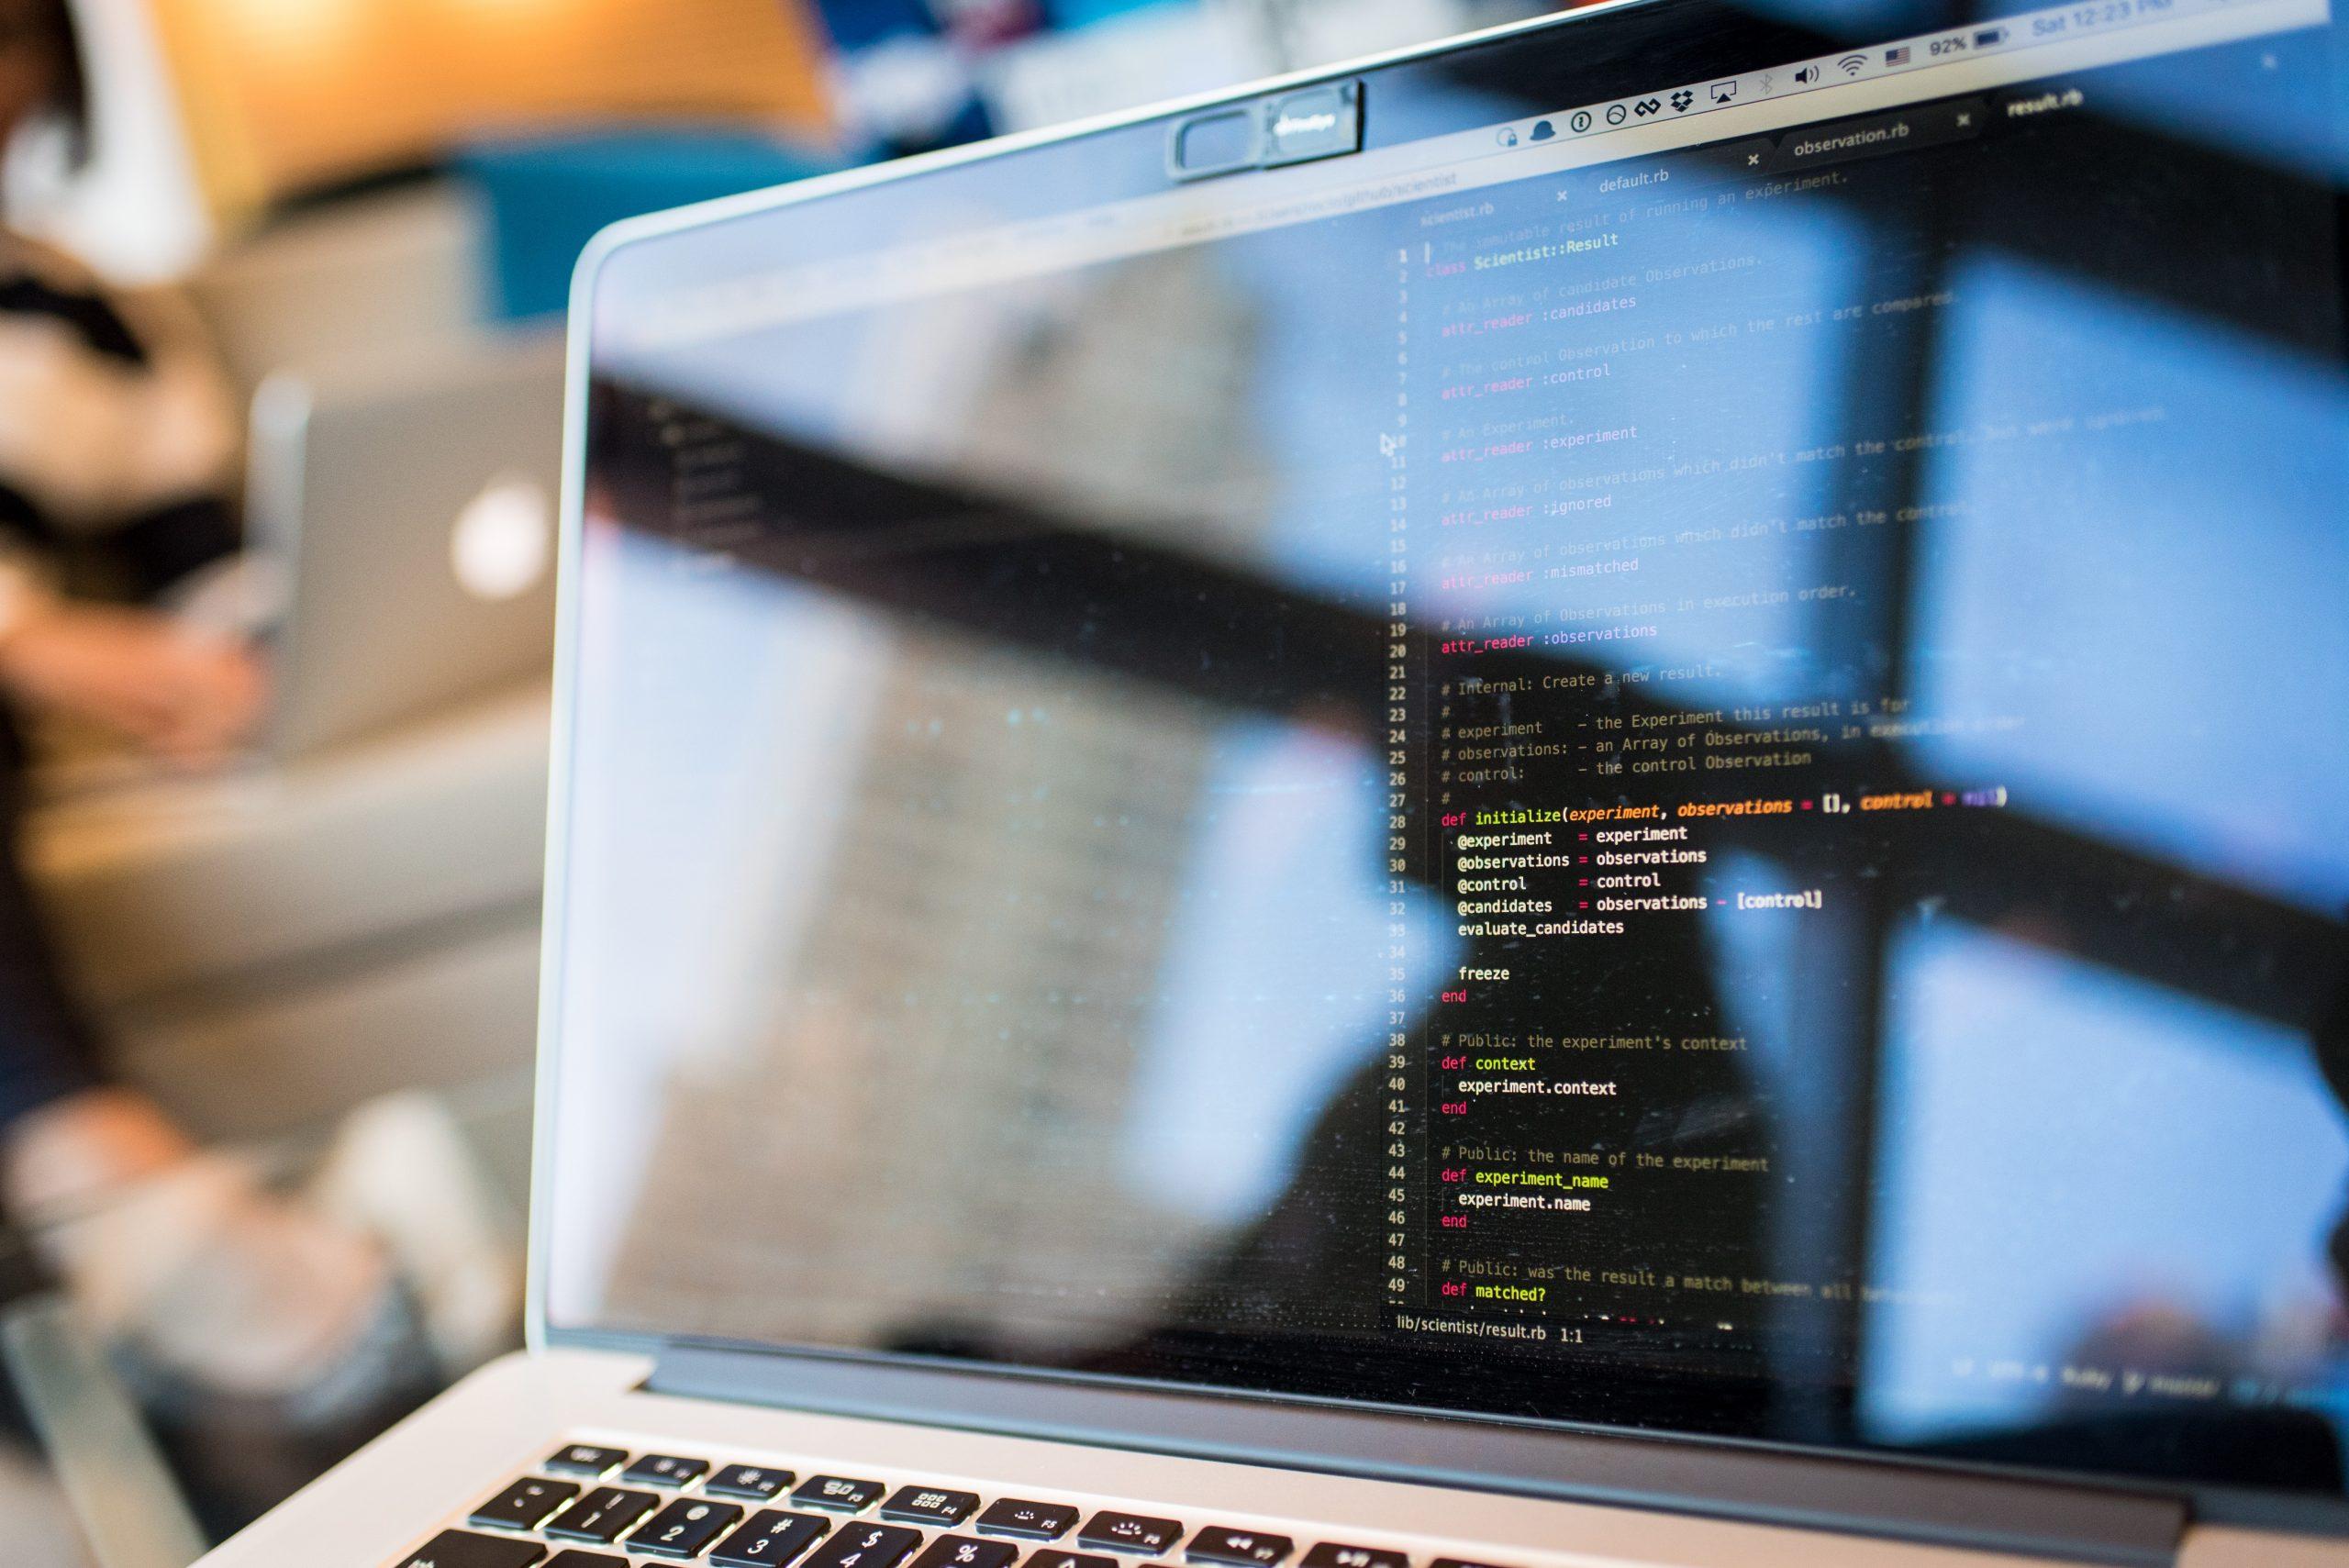 Artigo: Como preencher o gap de profissionais tech no mercado de startups